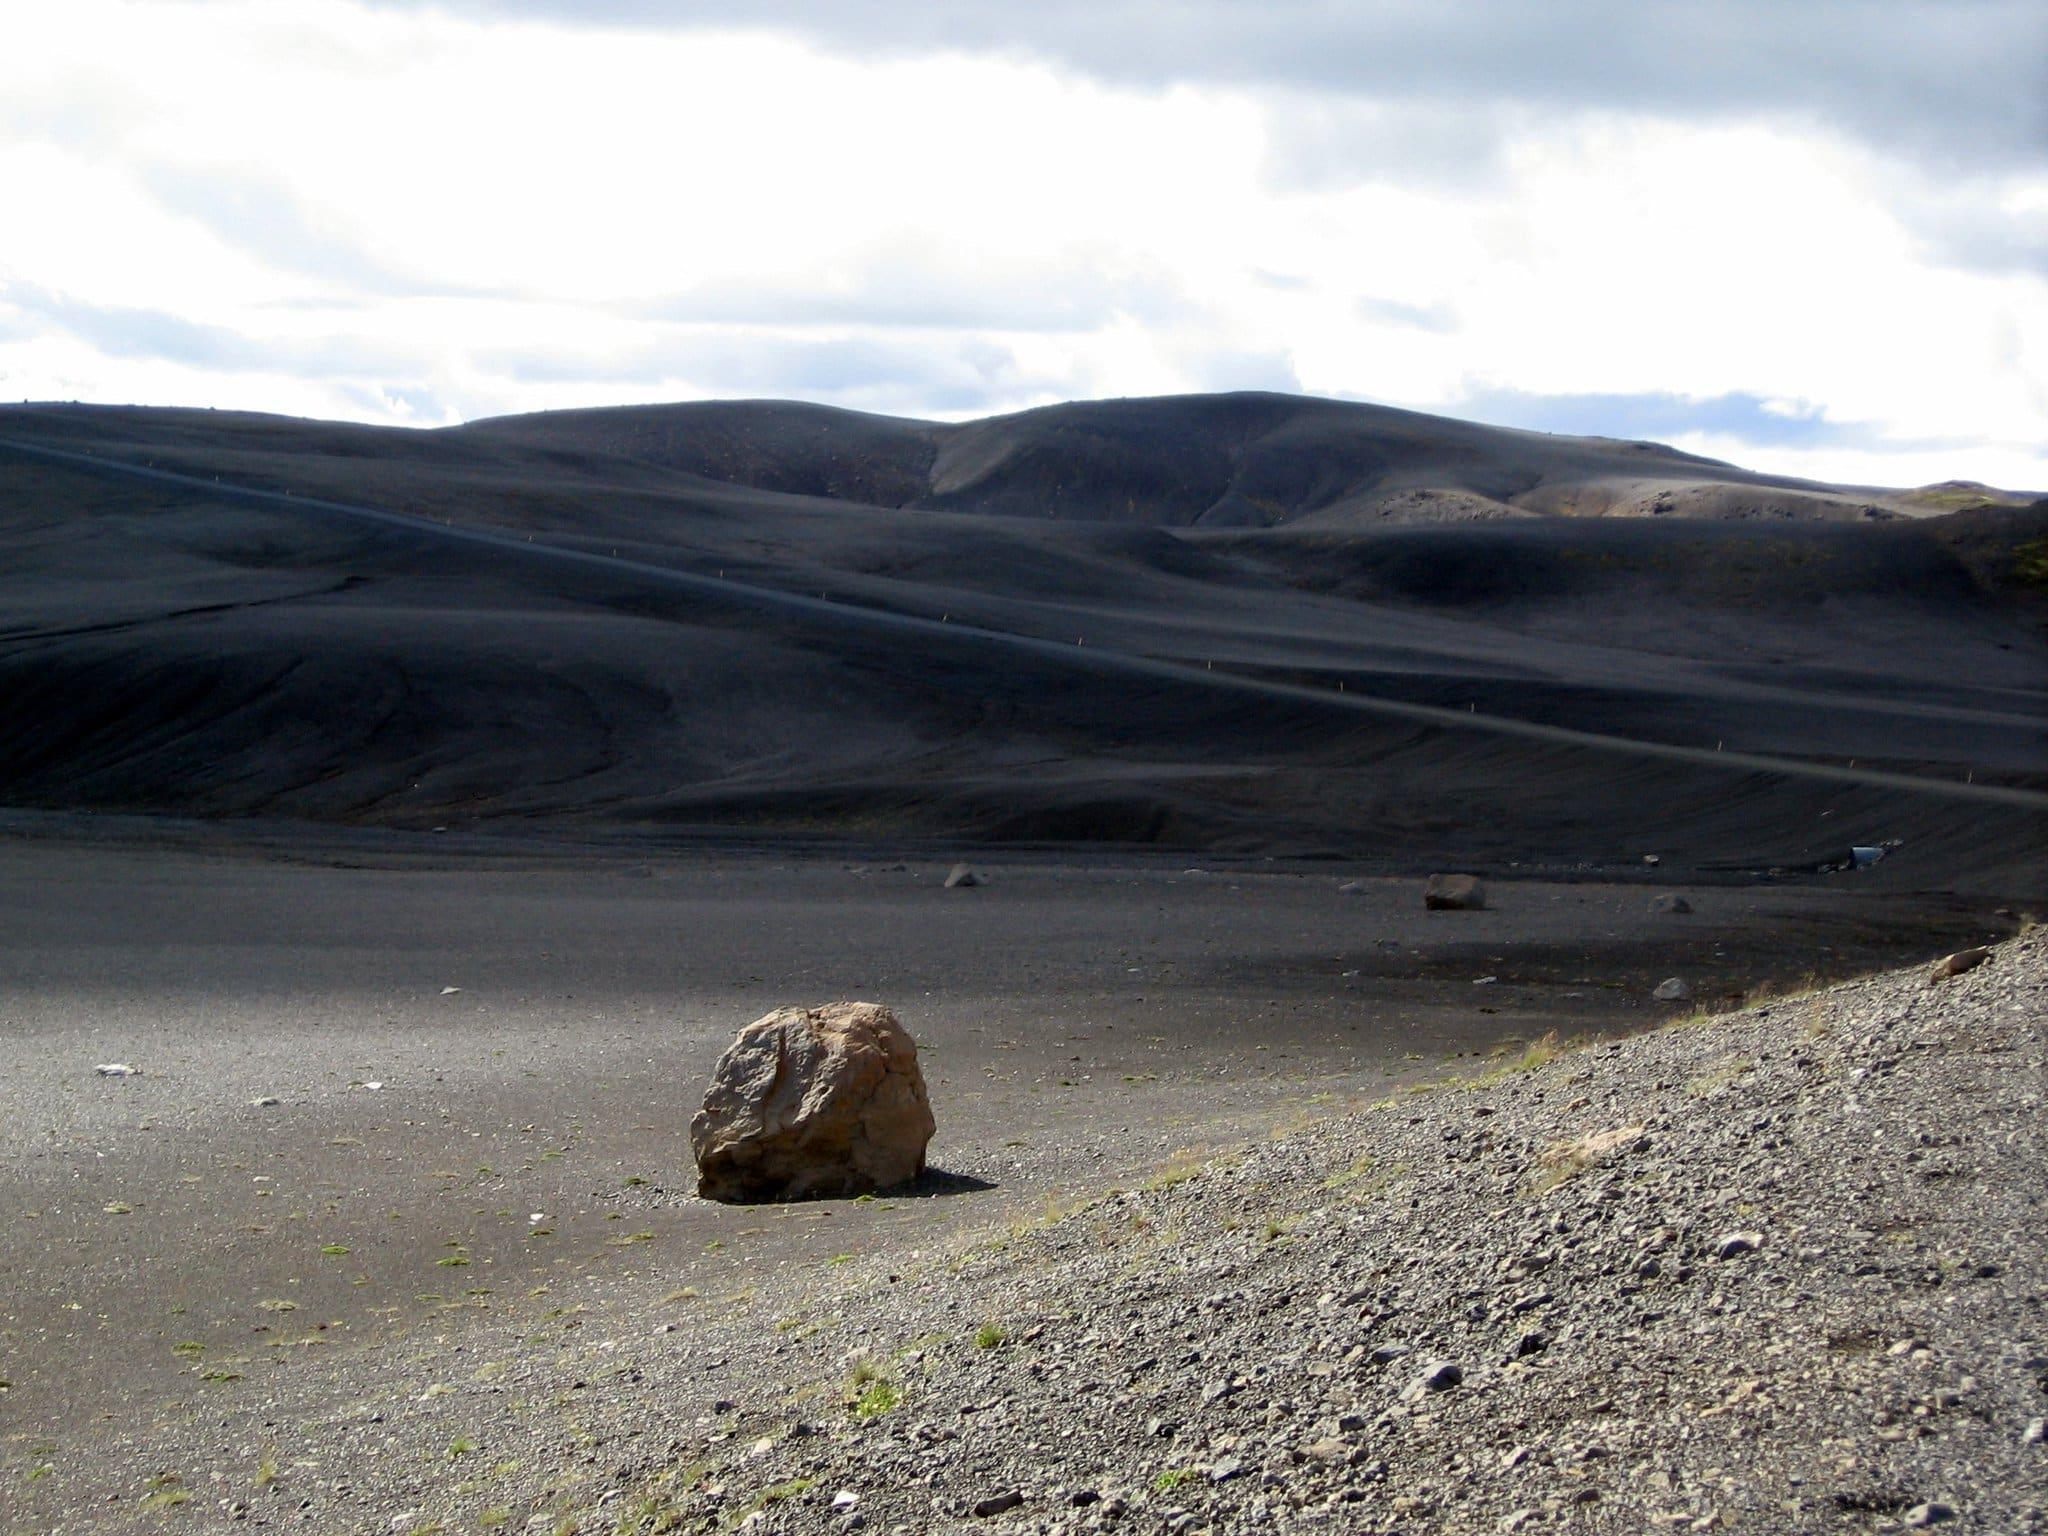 The black desert of Sprengisandur in the Icelandic Highlands.